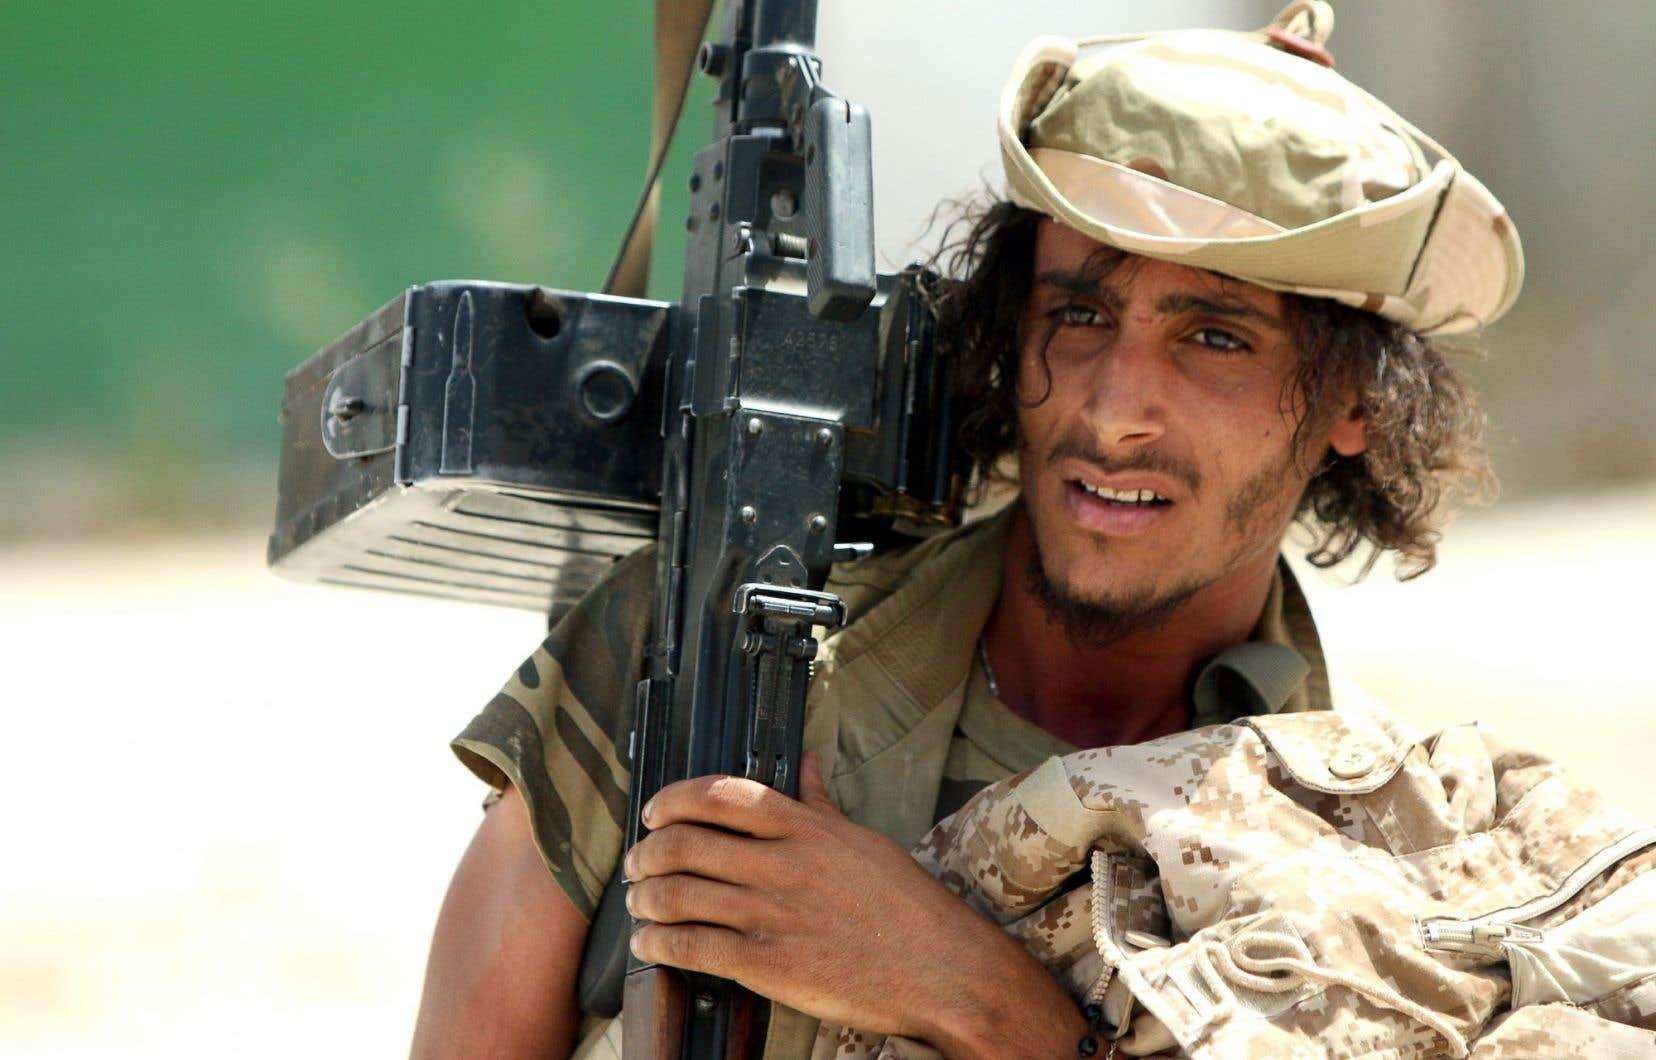 Des miliciens de l'est de la Libye refusent de prêter allégeance au gouvernement d'union, basé dans l'ouest du pays.